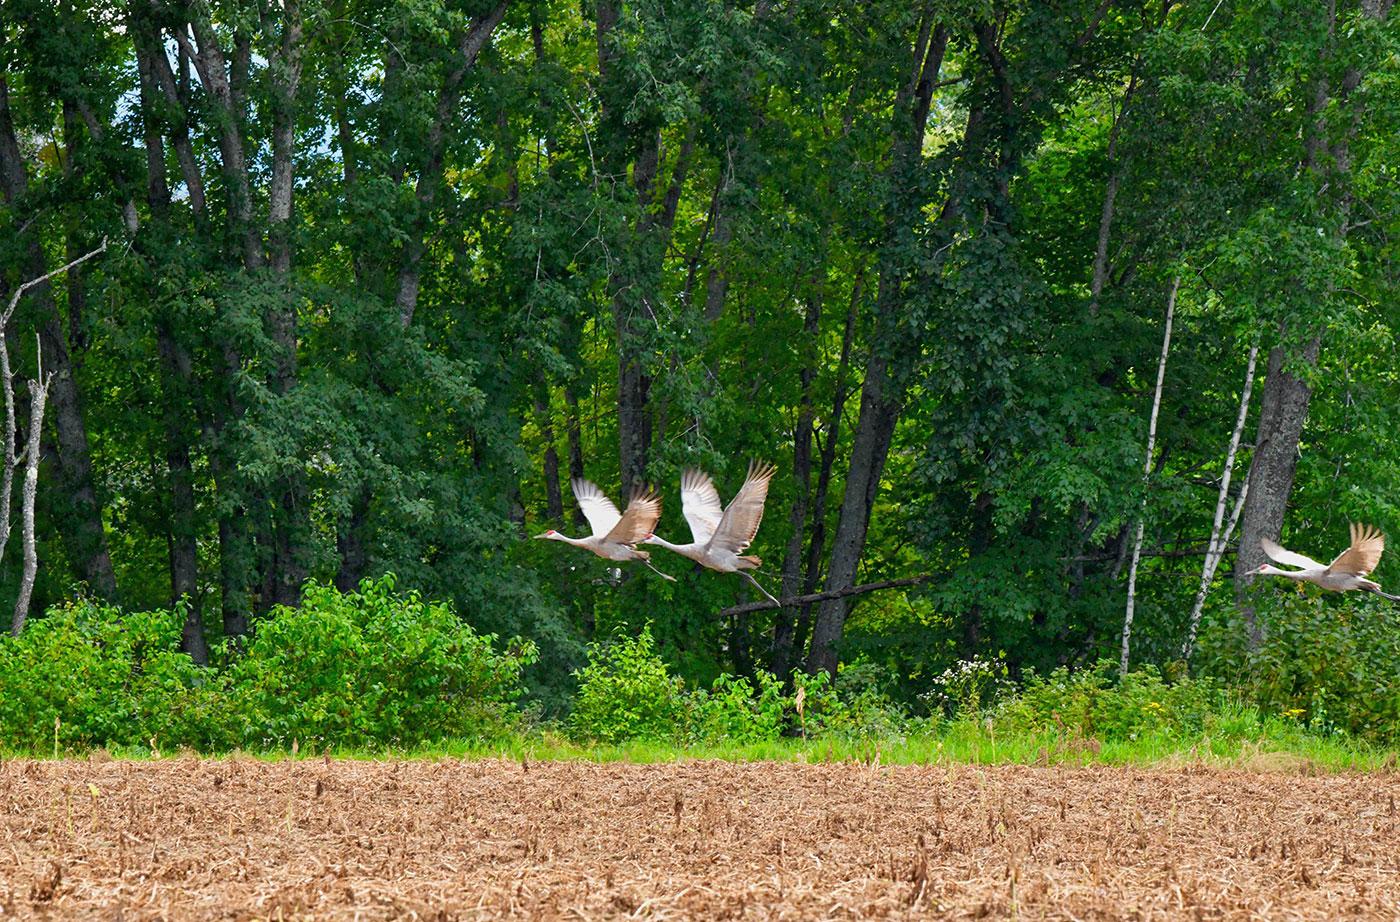 Sandhill Cranes in Fryeburg